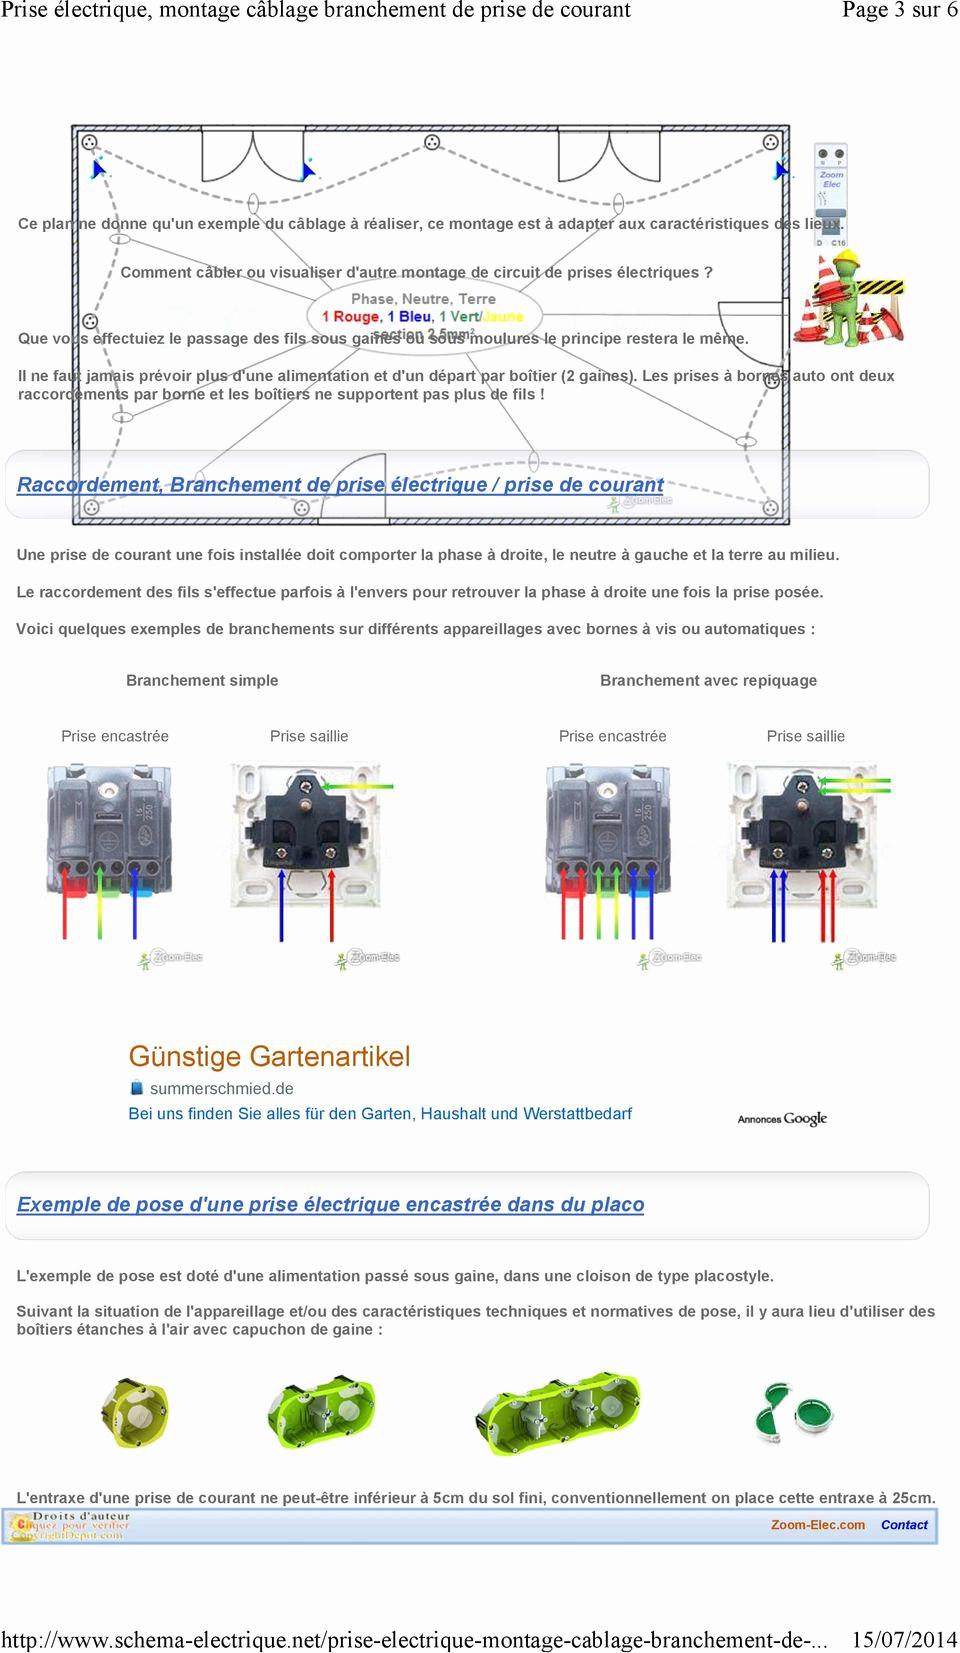 Meilleure Marque Plaque Induction 2015 Inspirant Galerie Branchement Four Electrique Et Plaque Induction élégant Branchement